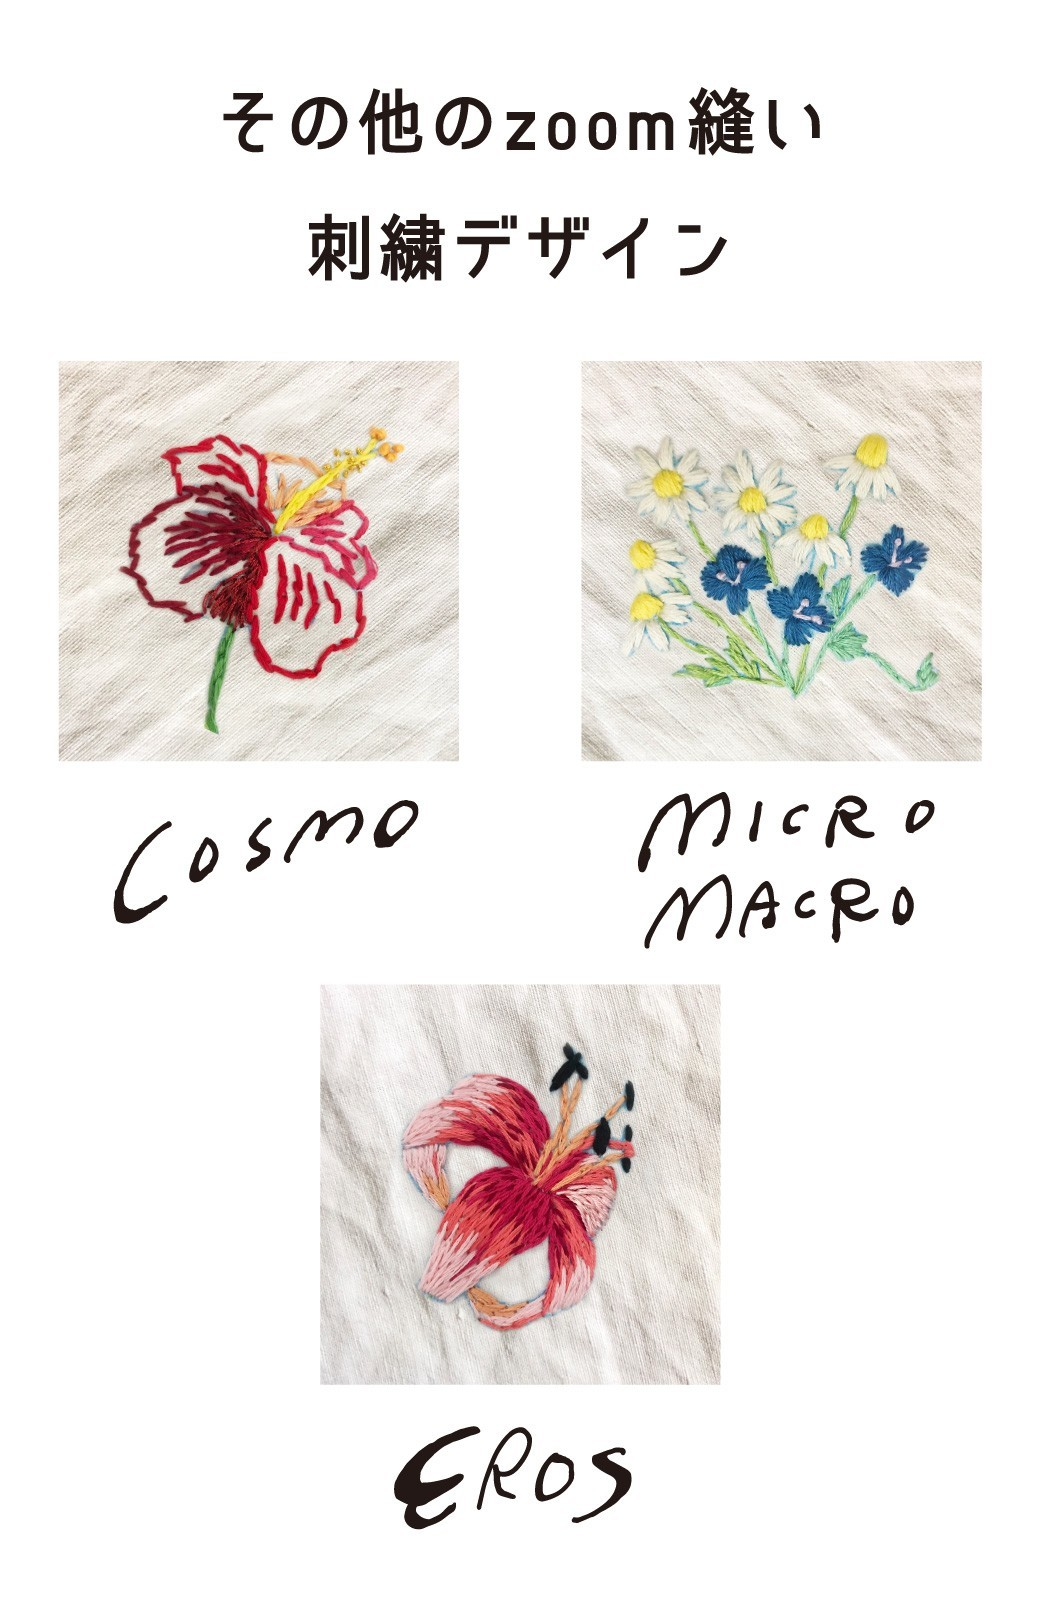 haco! haco! [haco! POST] 刺繍アーティスト二宮佐和子さんとみんなでワイワイ刺繍!zoom縫いワークショップ参加チケット 7/5・7/8開催<unique> <その他>の商品写真8